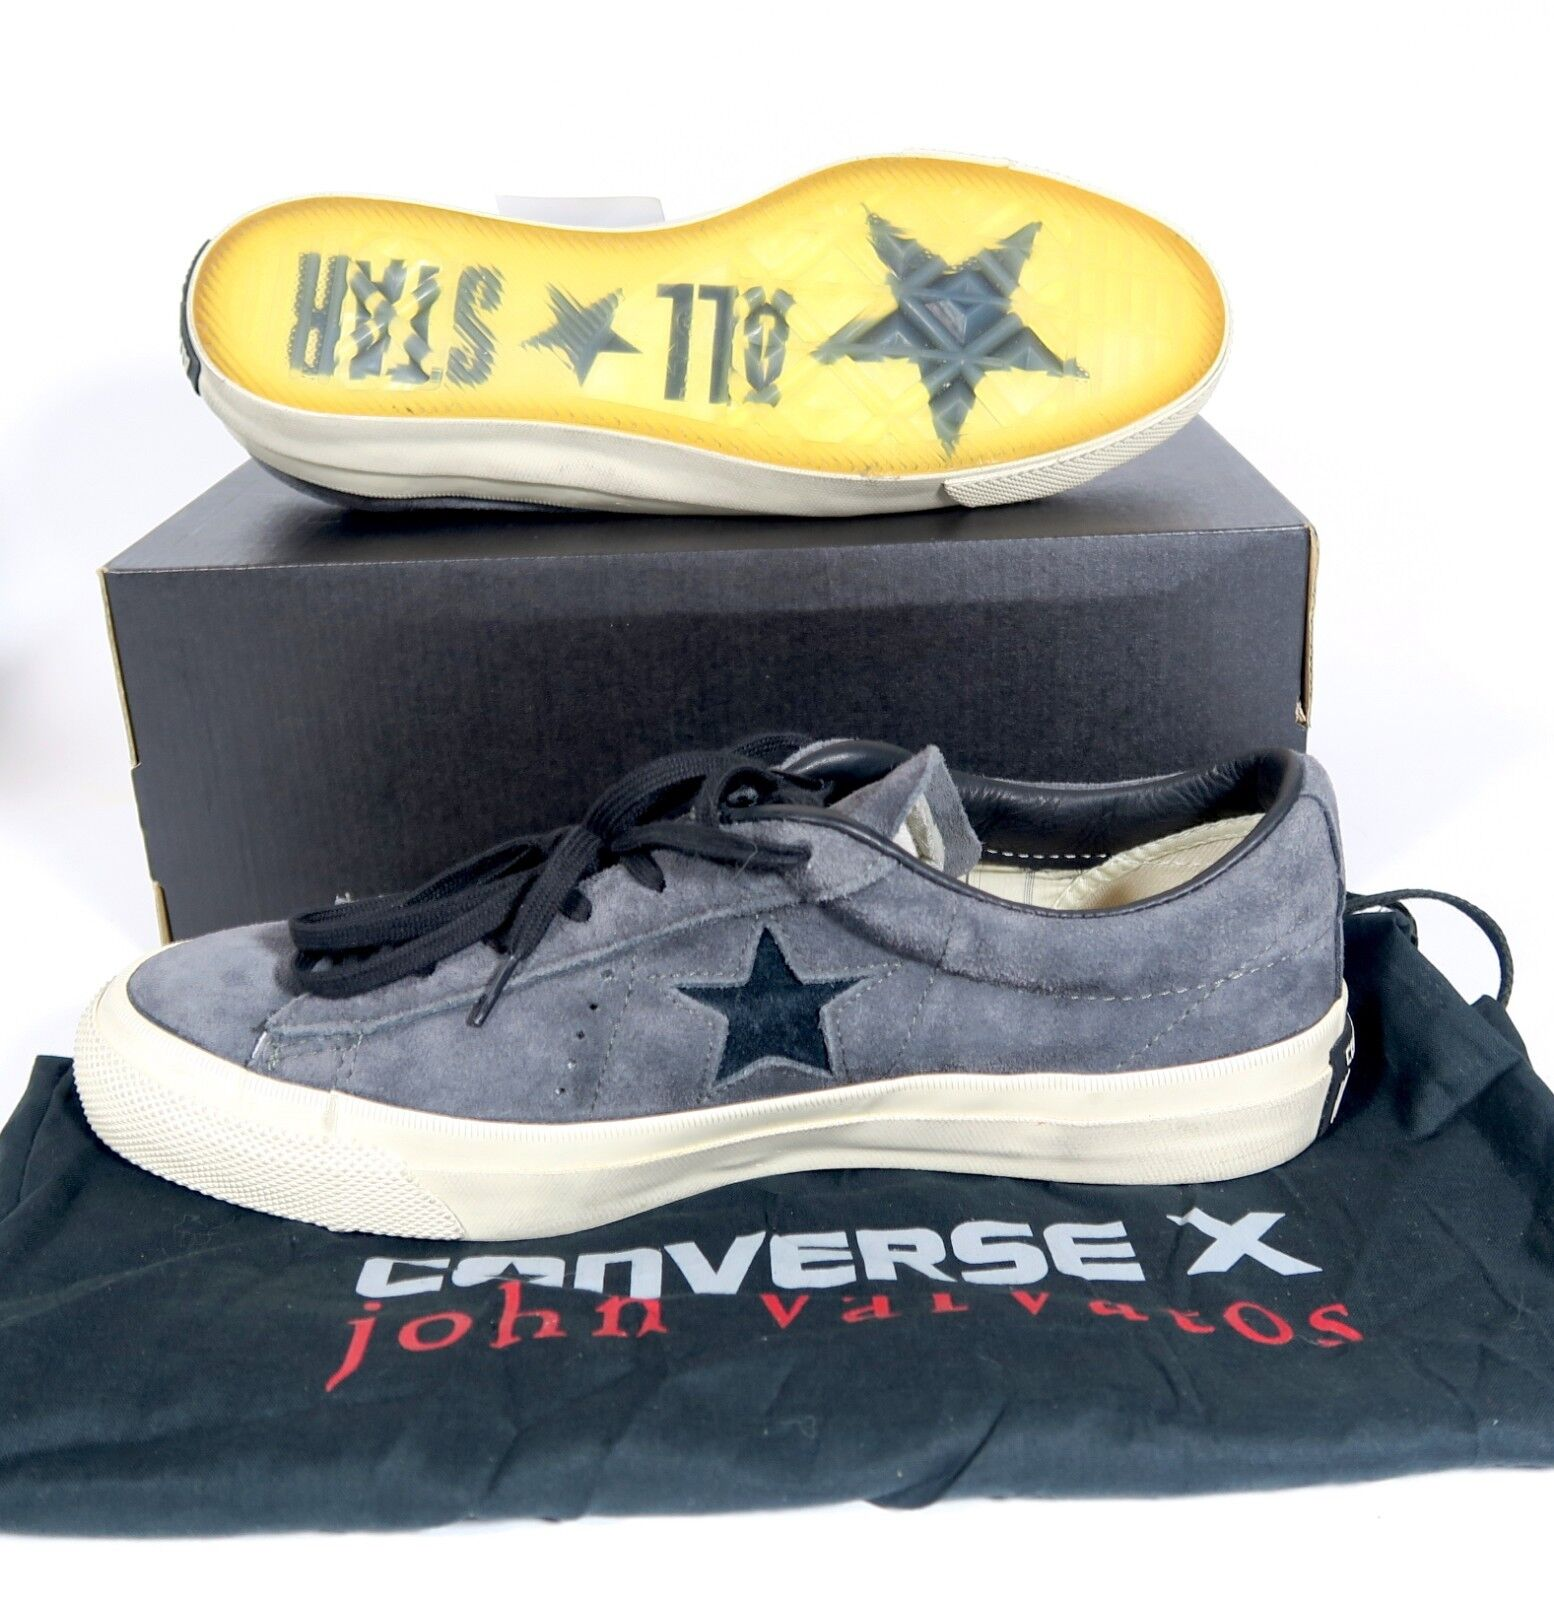 Converse One Star X John Varvatos 145381c Low Top Distressed 7.5, 9, 9.5, 10